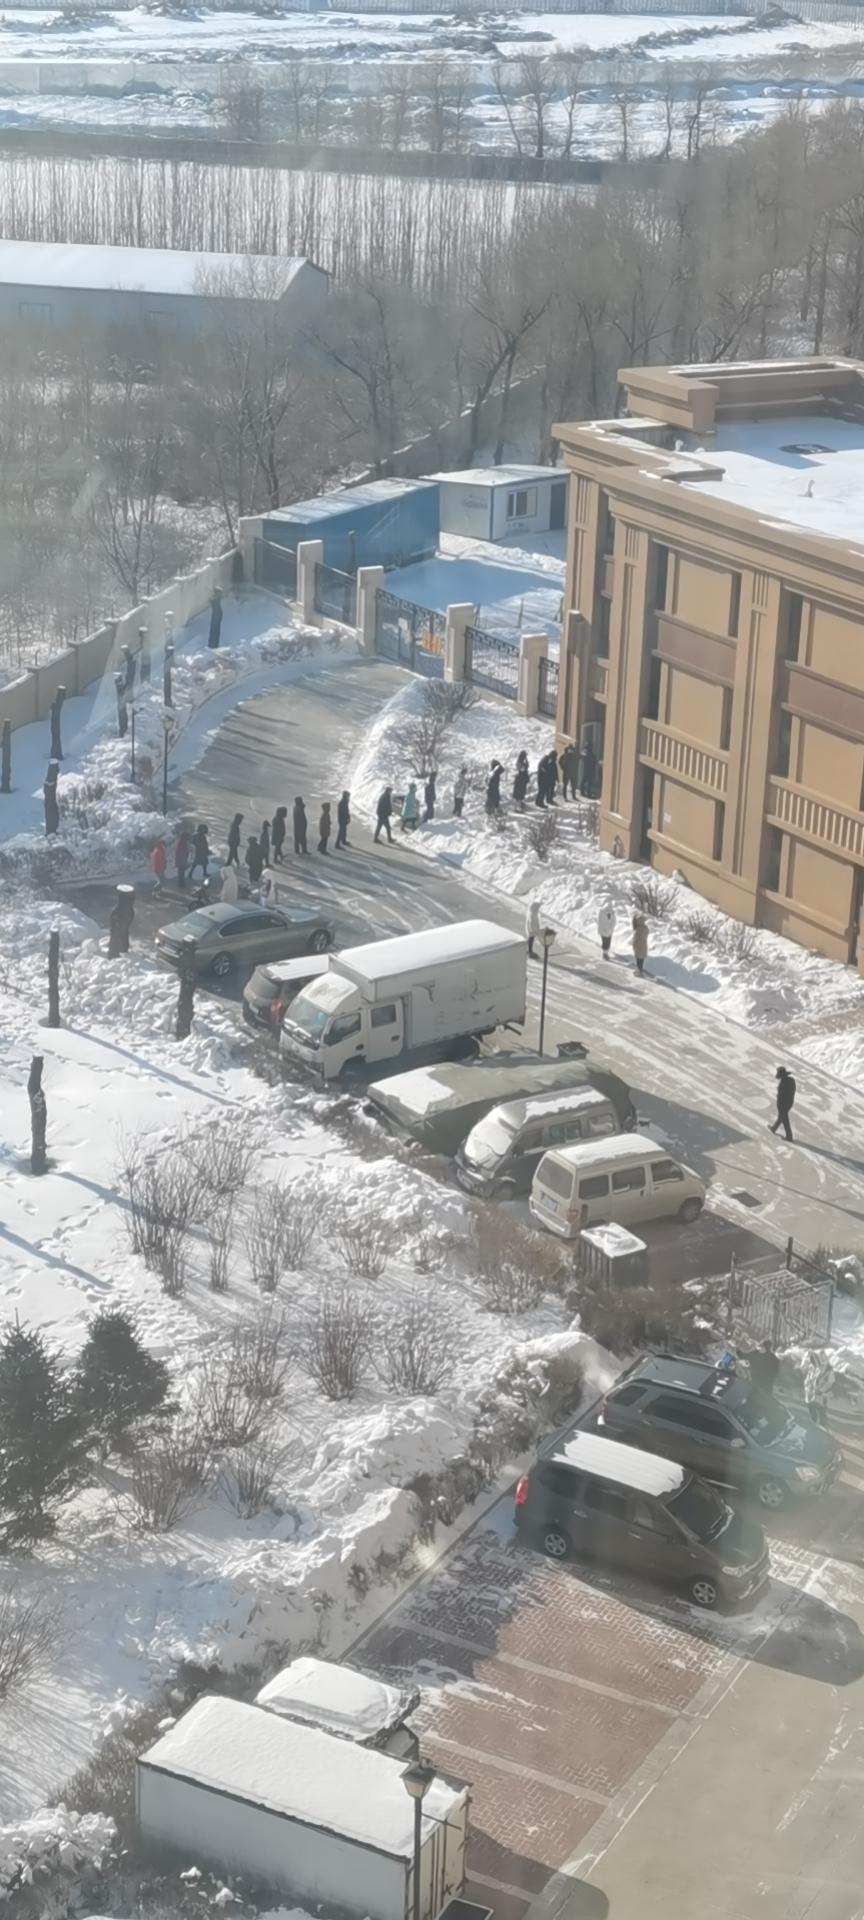 哈尔滨呼兰区管控升级:全民核酸检测,非必要人员严禁出入